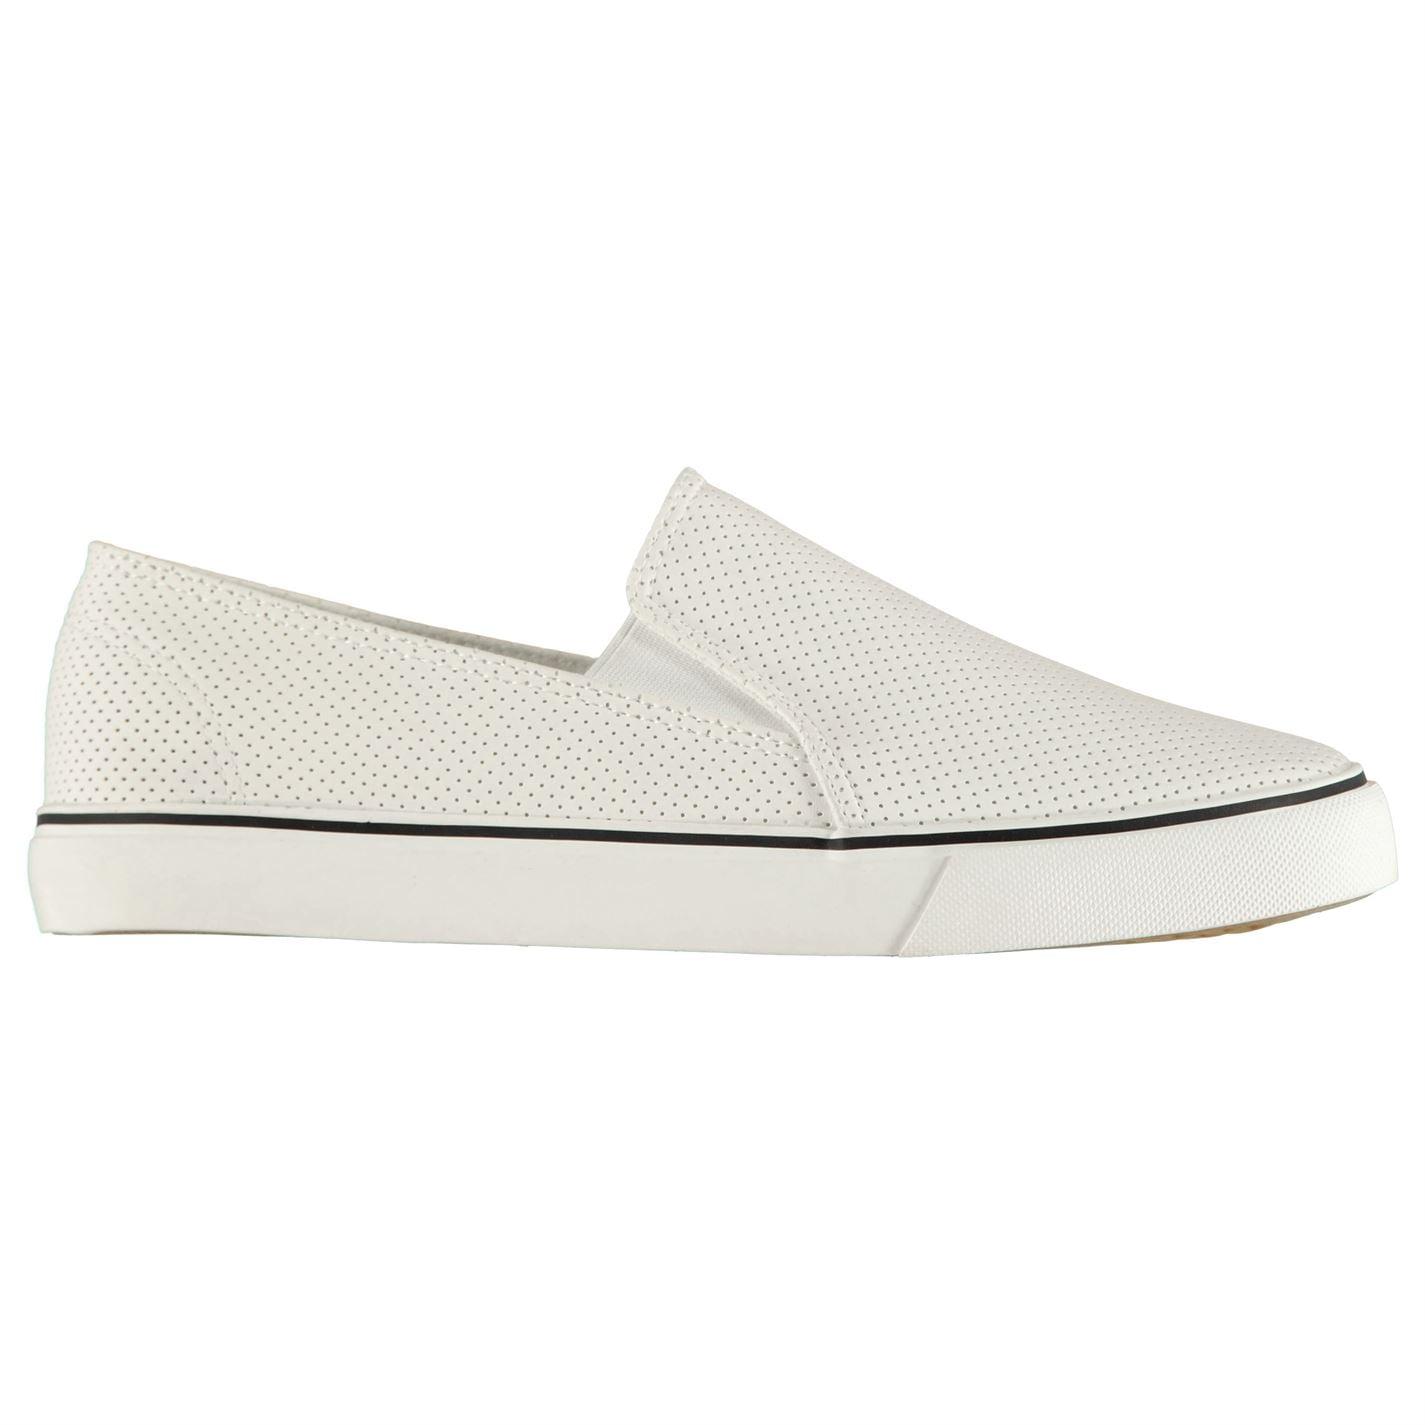 Lee Cooper Perforated Pánská obuv 11092701 SD_10 (44)